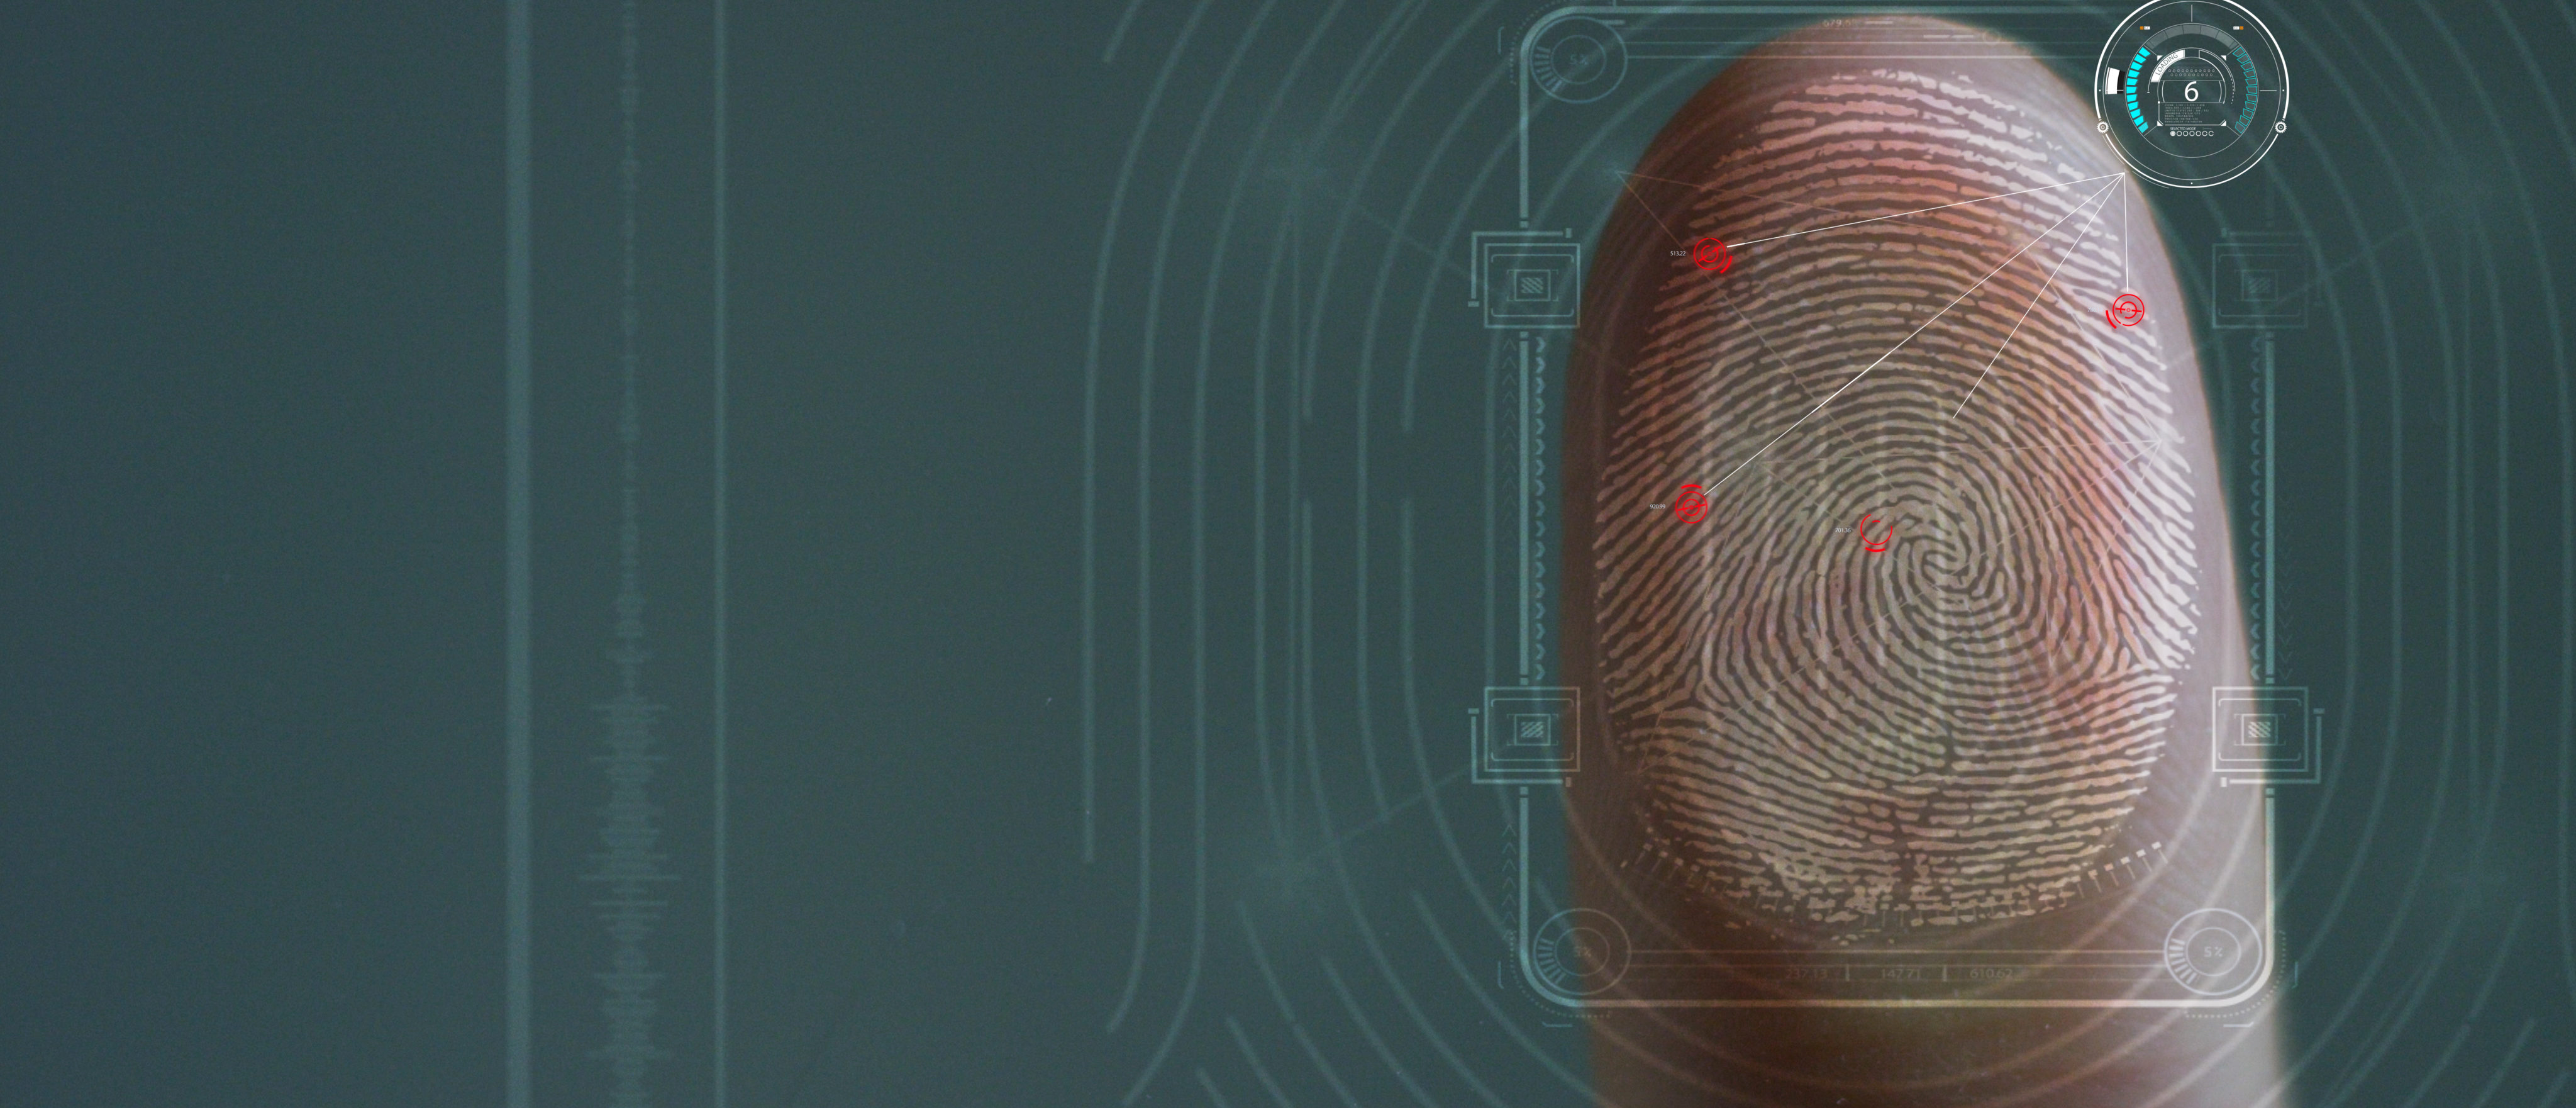 Fingerprint, Shutterstock